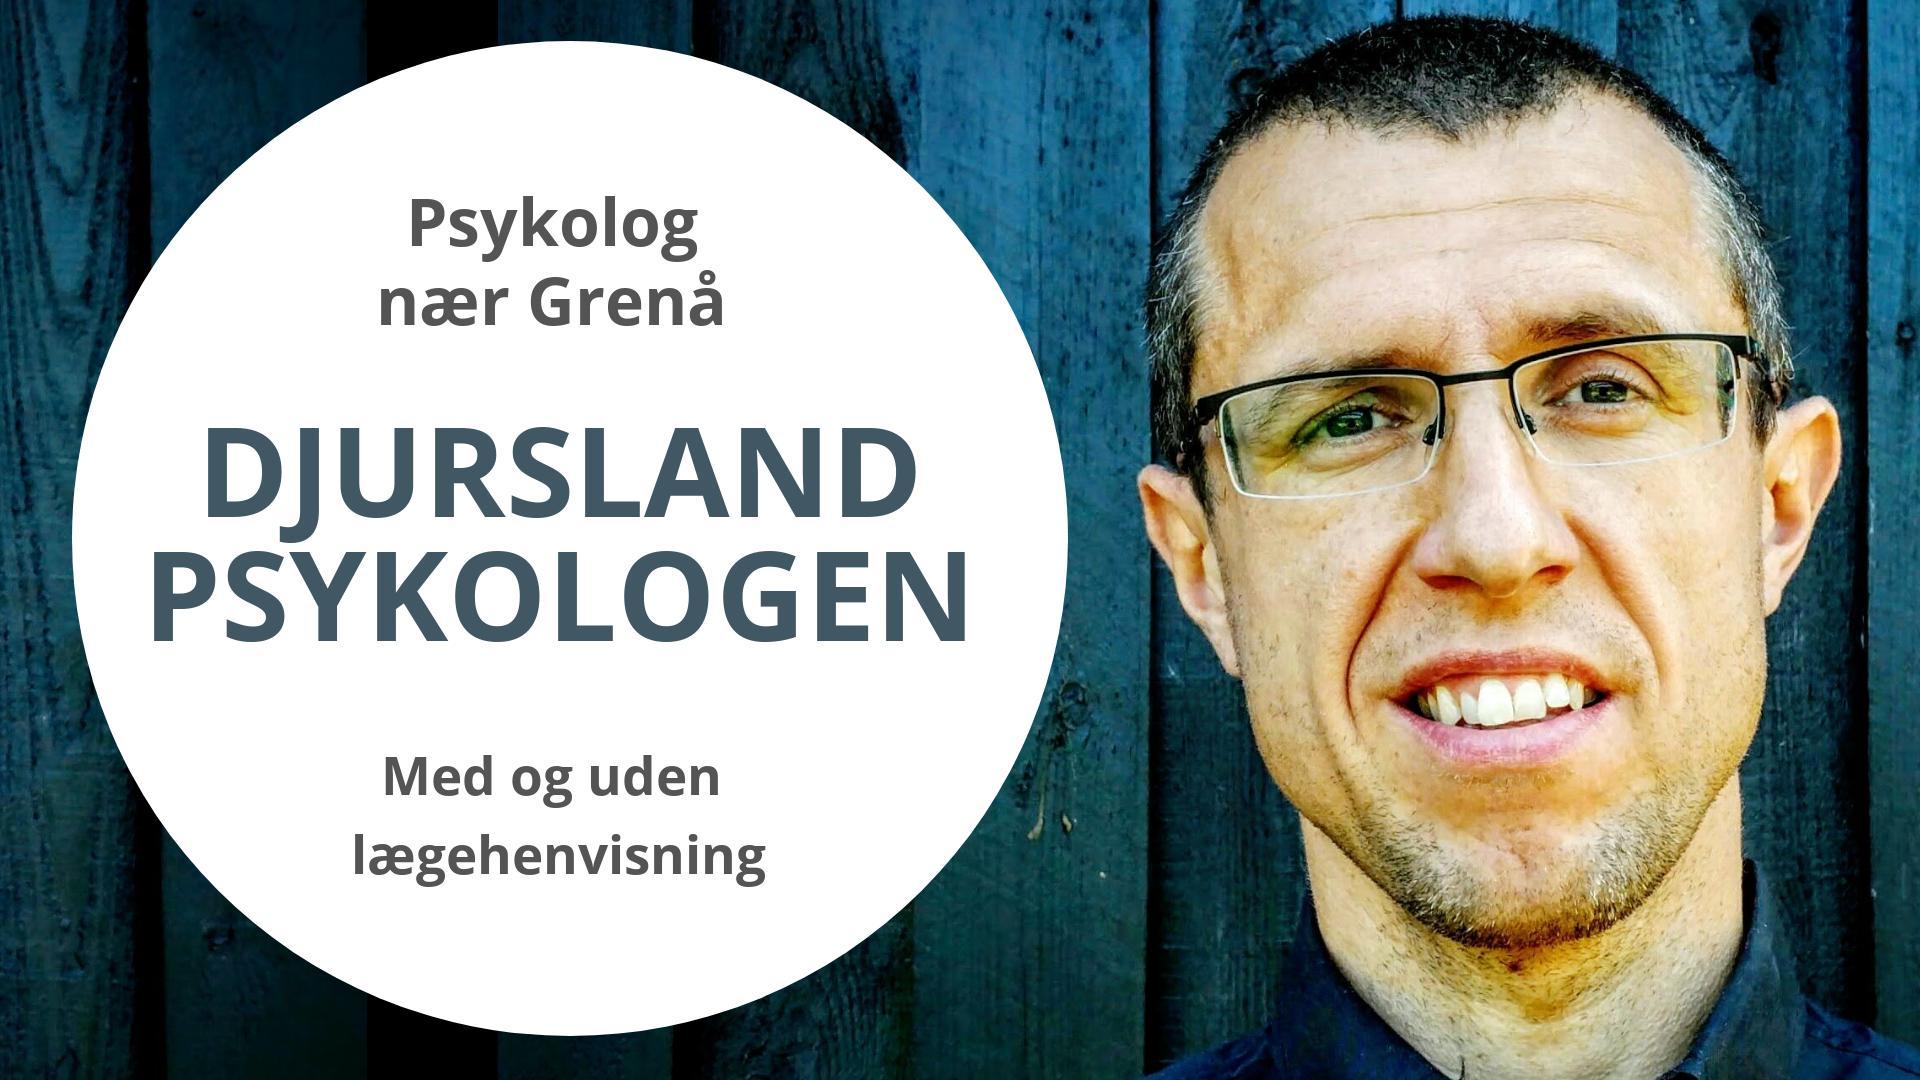 Psykolog Grenå - Djursland-psykologen